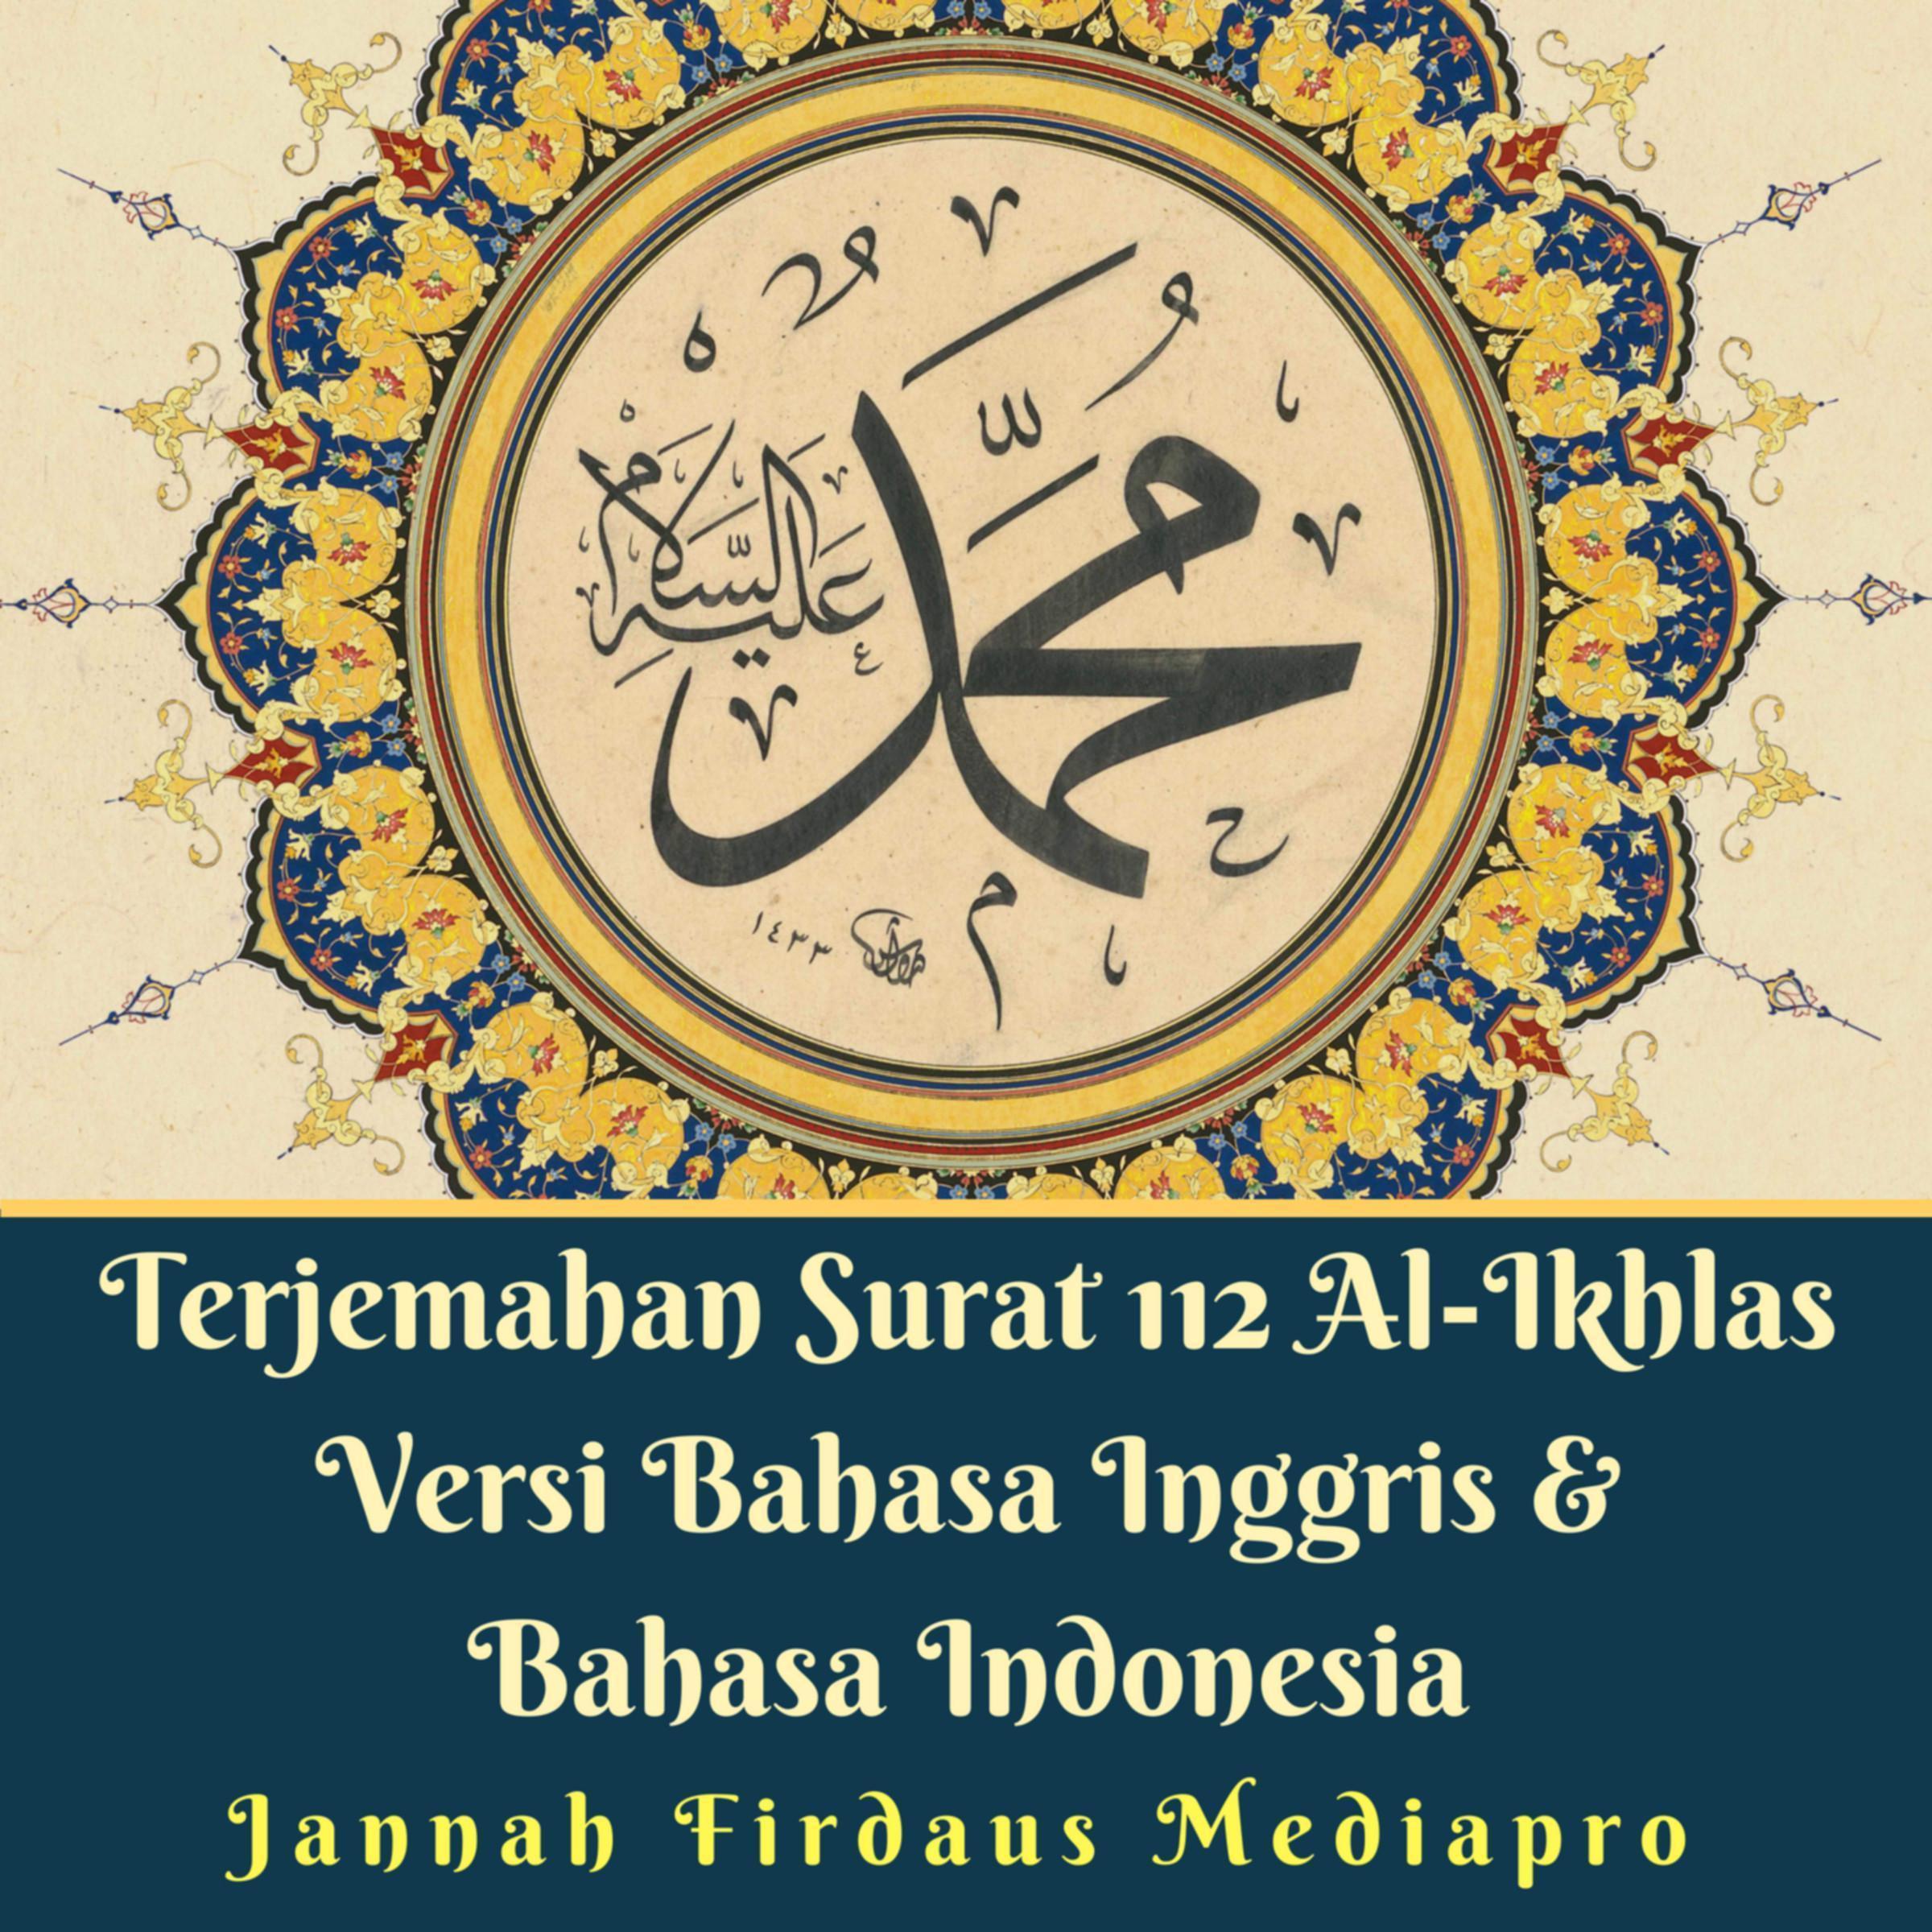 Terjemahan Surat 112 Al Ikhlas Versi Bahasa Inggris Bahasa Indonesia Audiobook